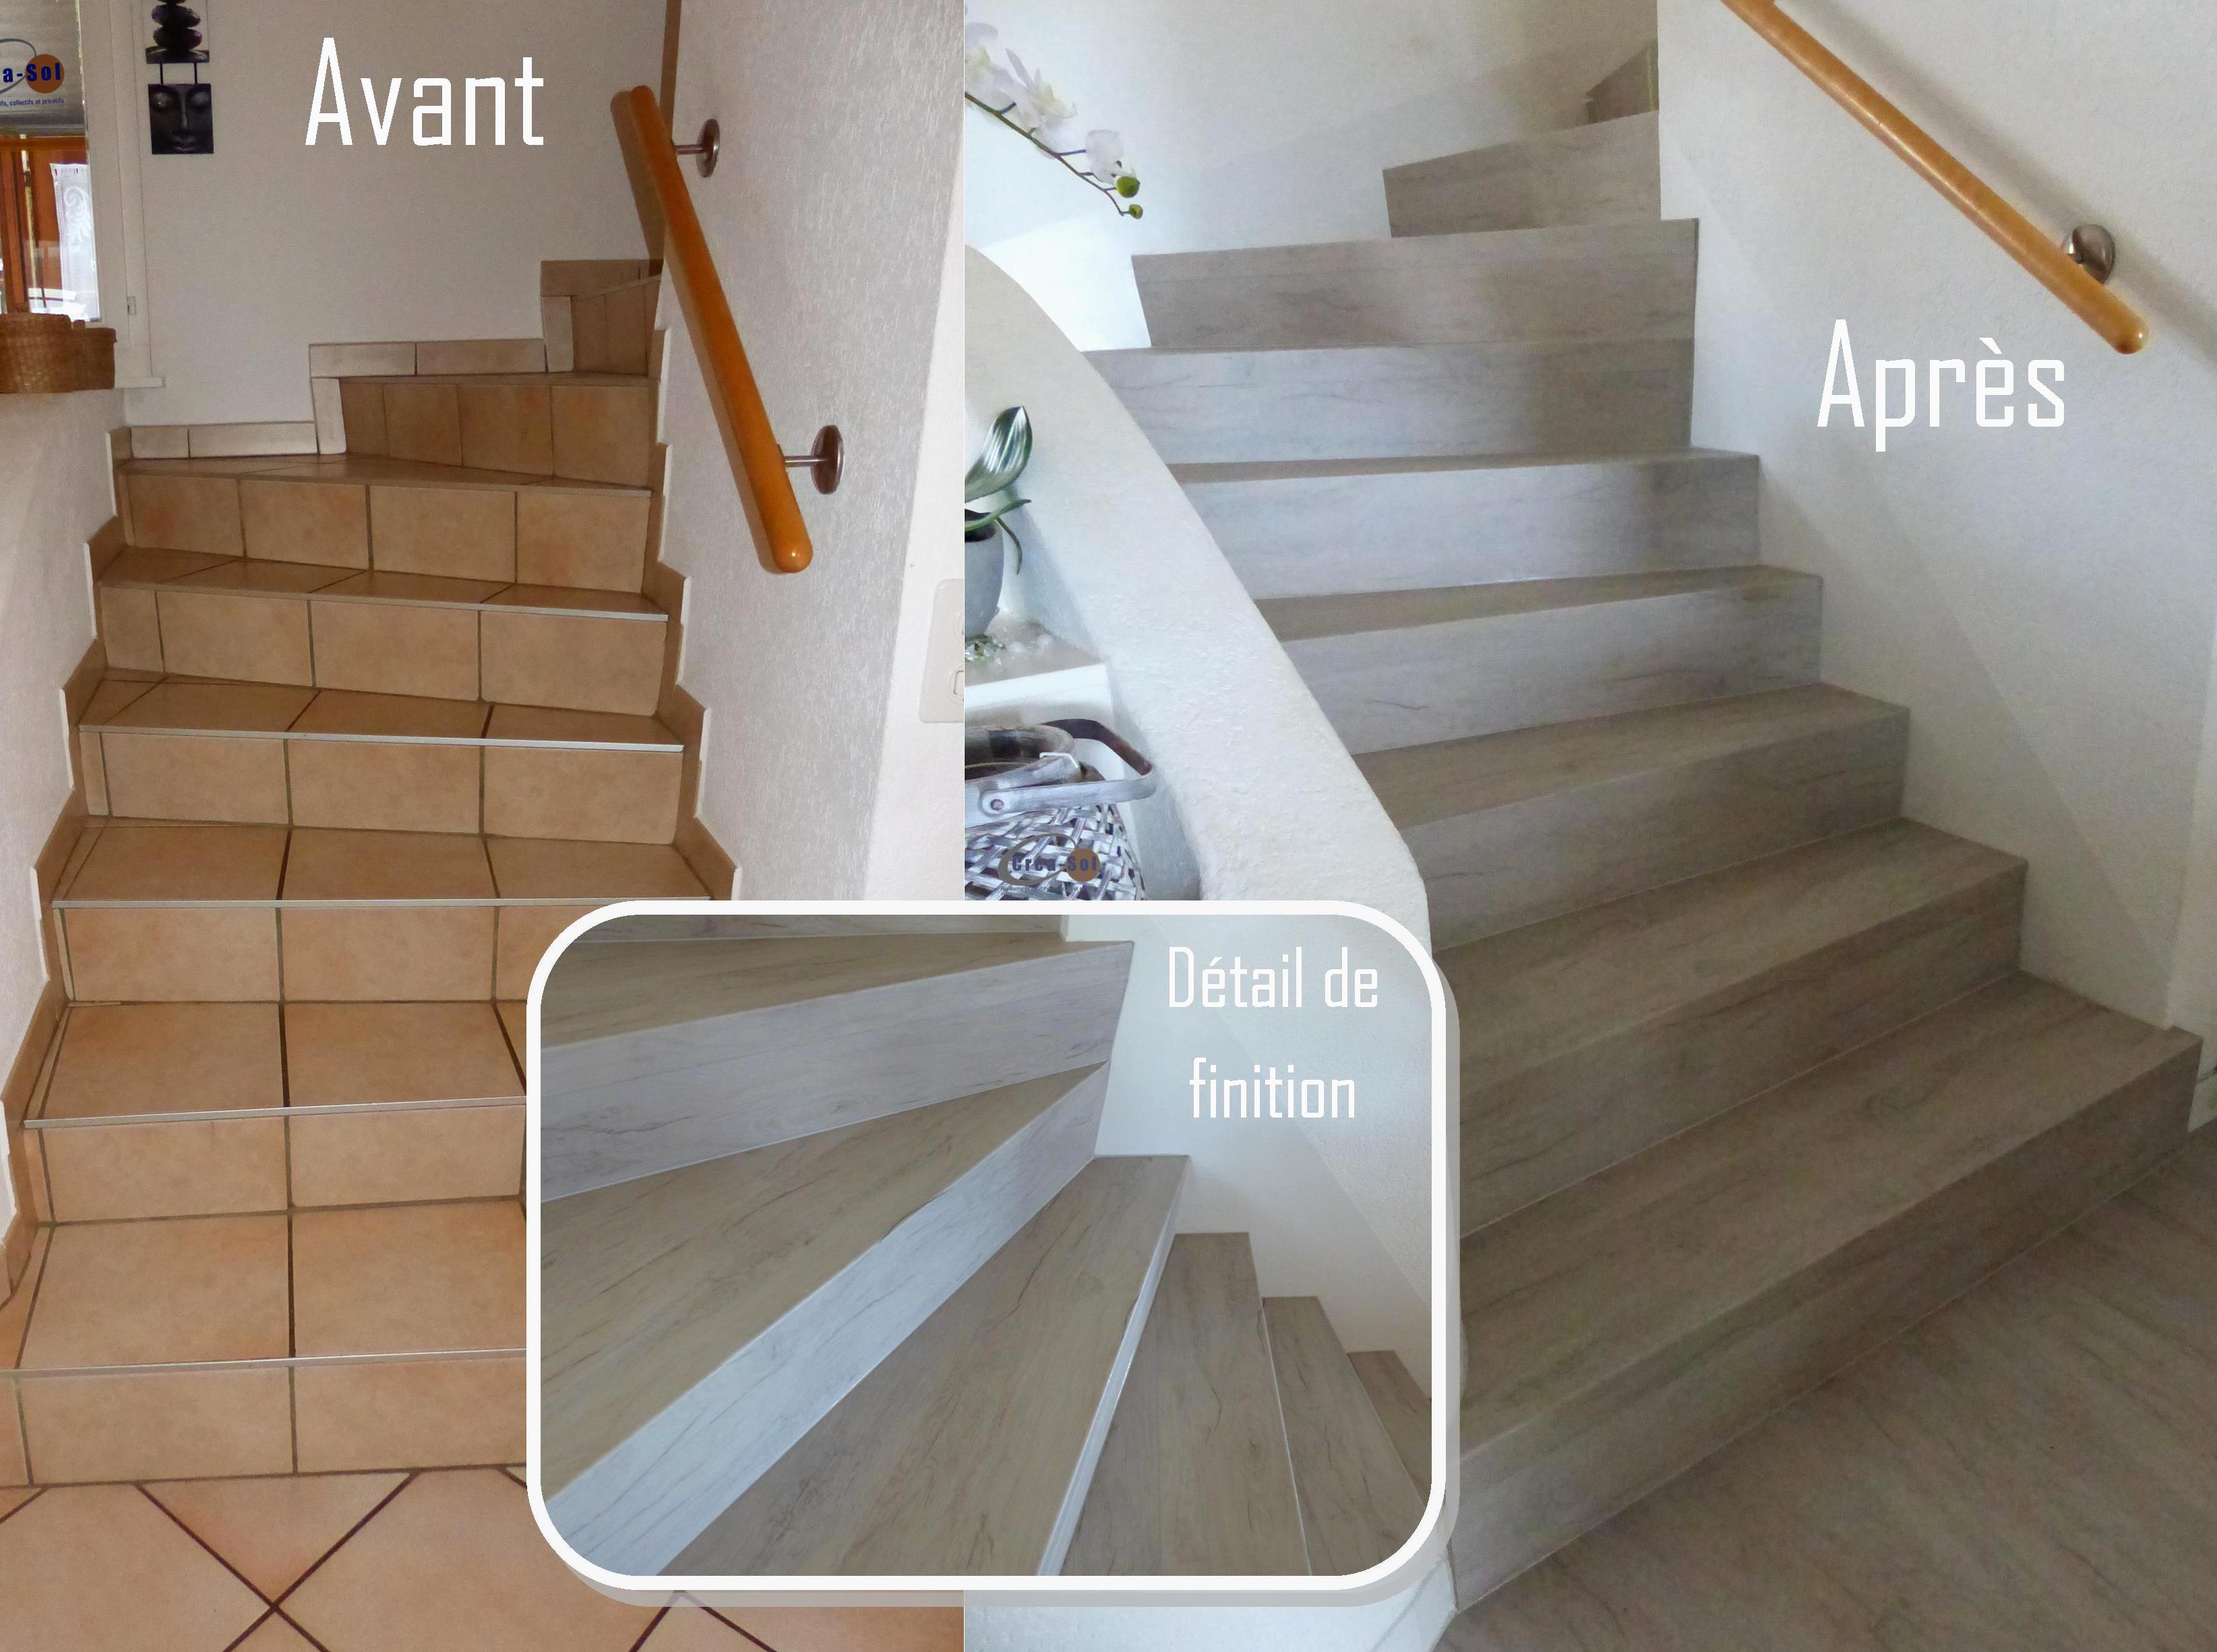 Suspension Monte Et Baisse Castorama Luxe Photos Magic Liss Castorama Enduit De Lissage Castorama Enduit De Lissage